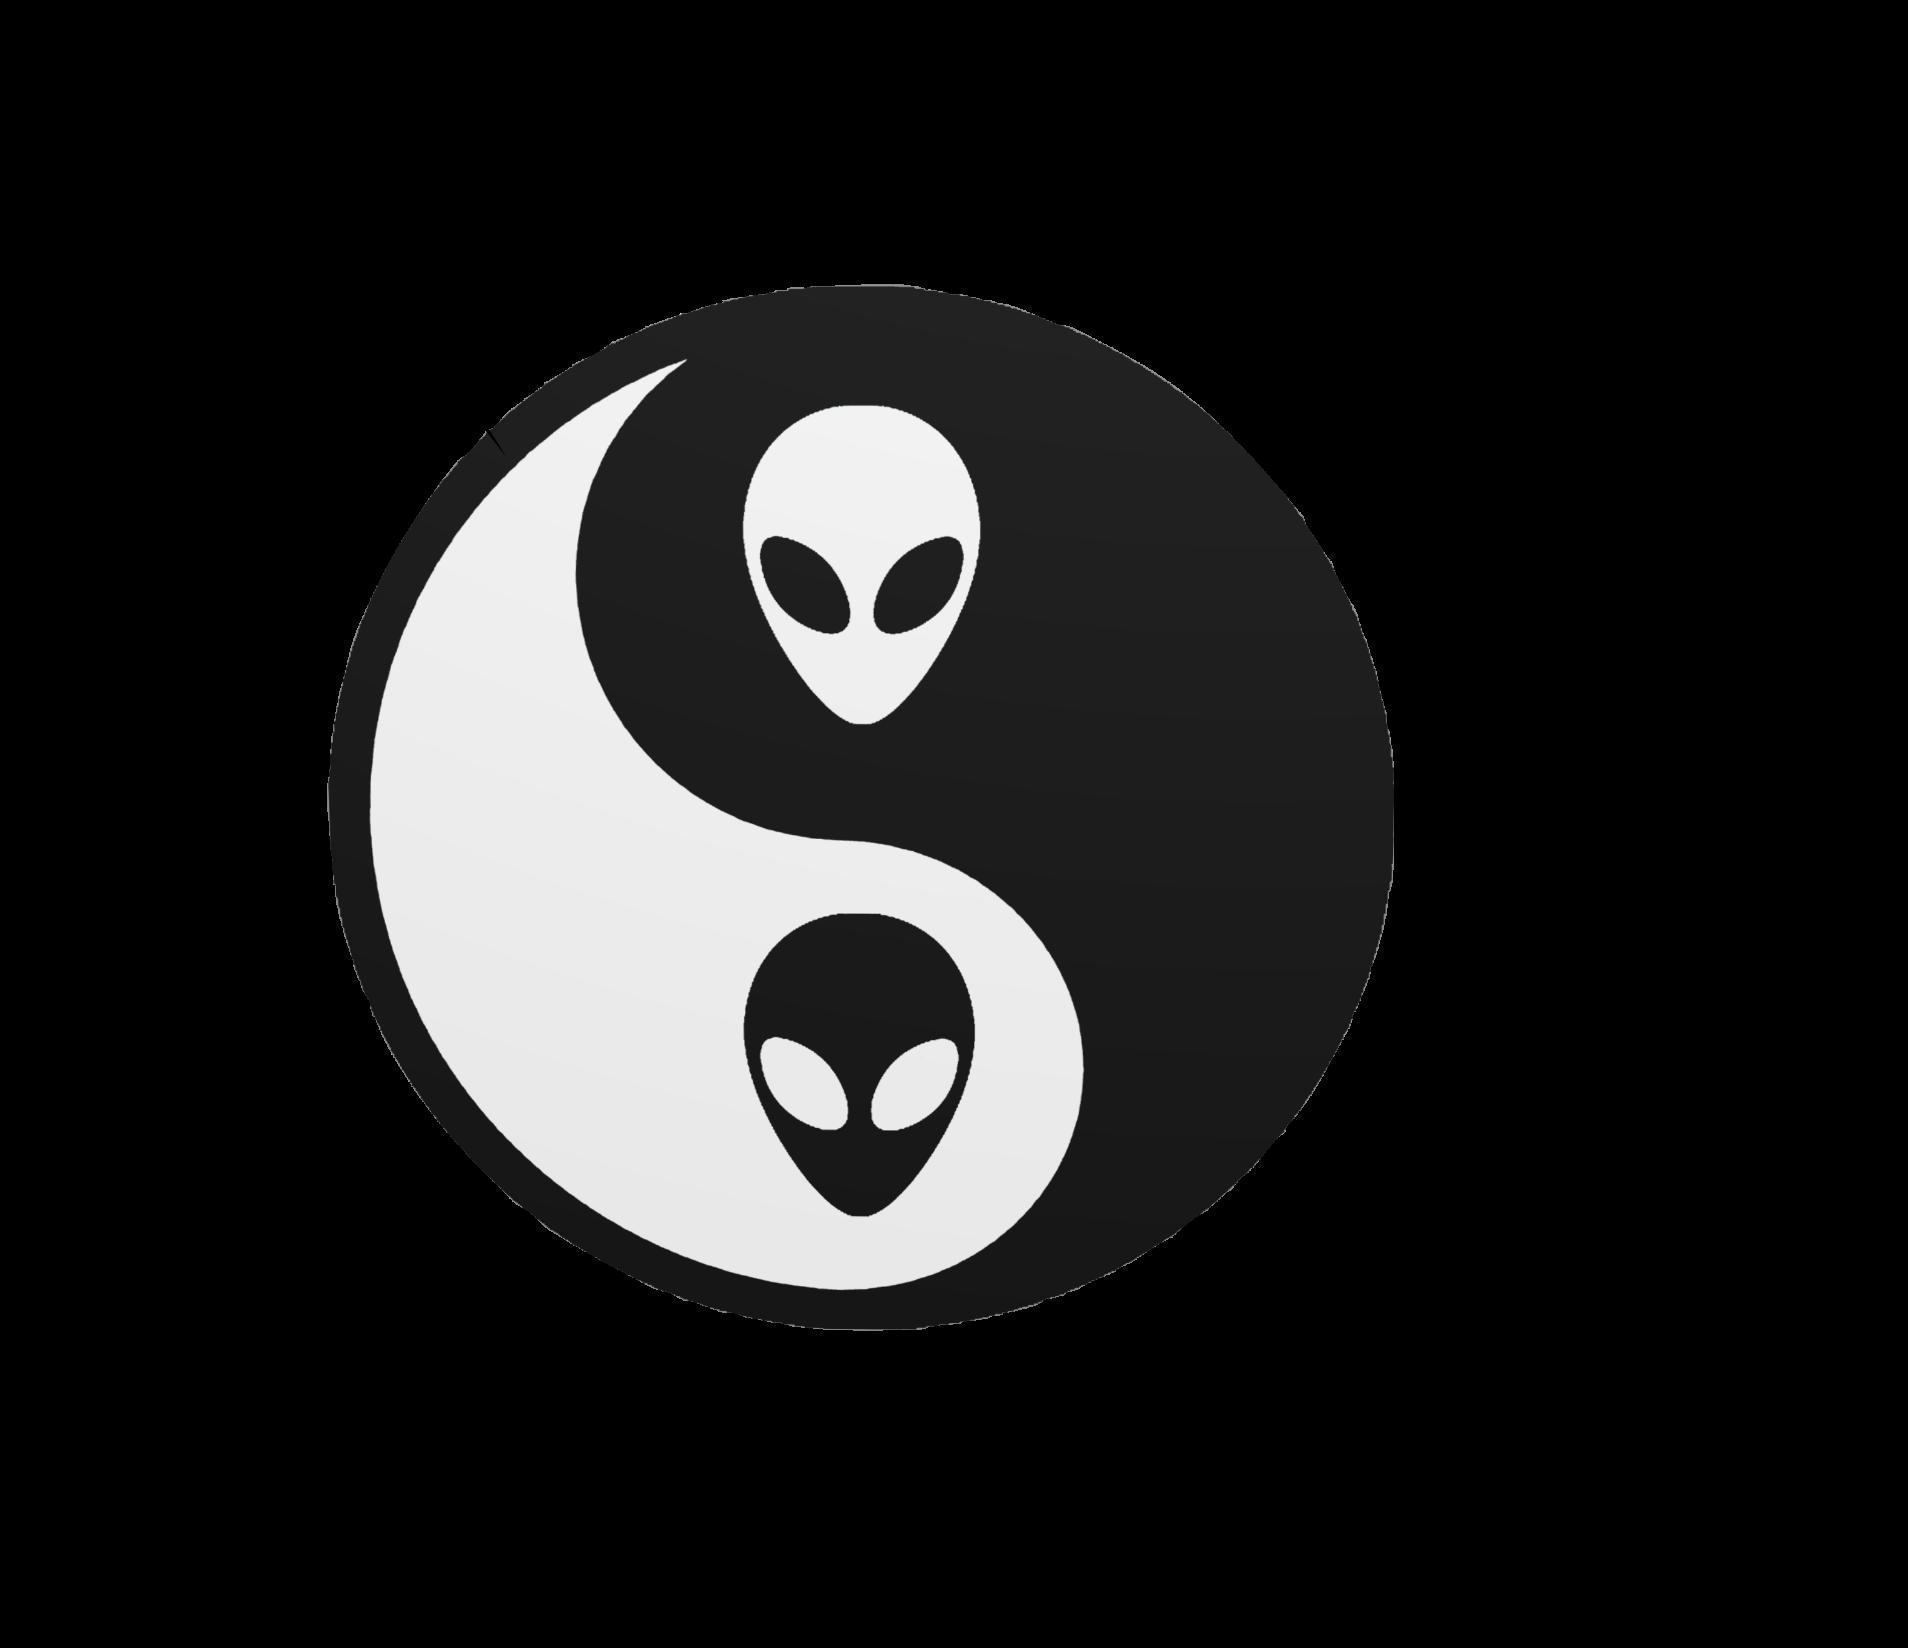 Apple yin yang clipart png Yin and yang Vaporwave Unidentified flying object - yin yang 1908 ... png